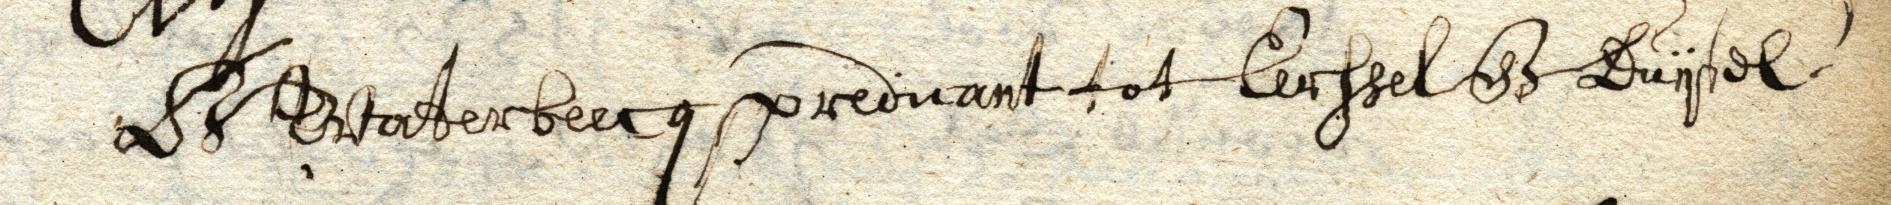 Handtekening van Bernardus Waterbeecq, met cq.